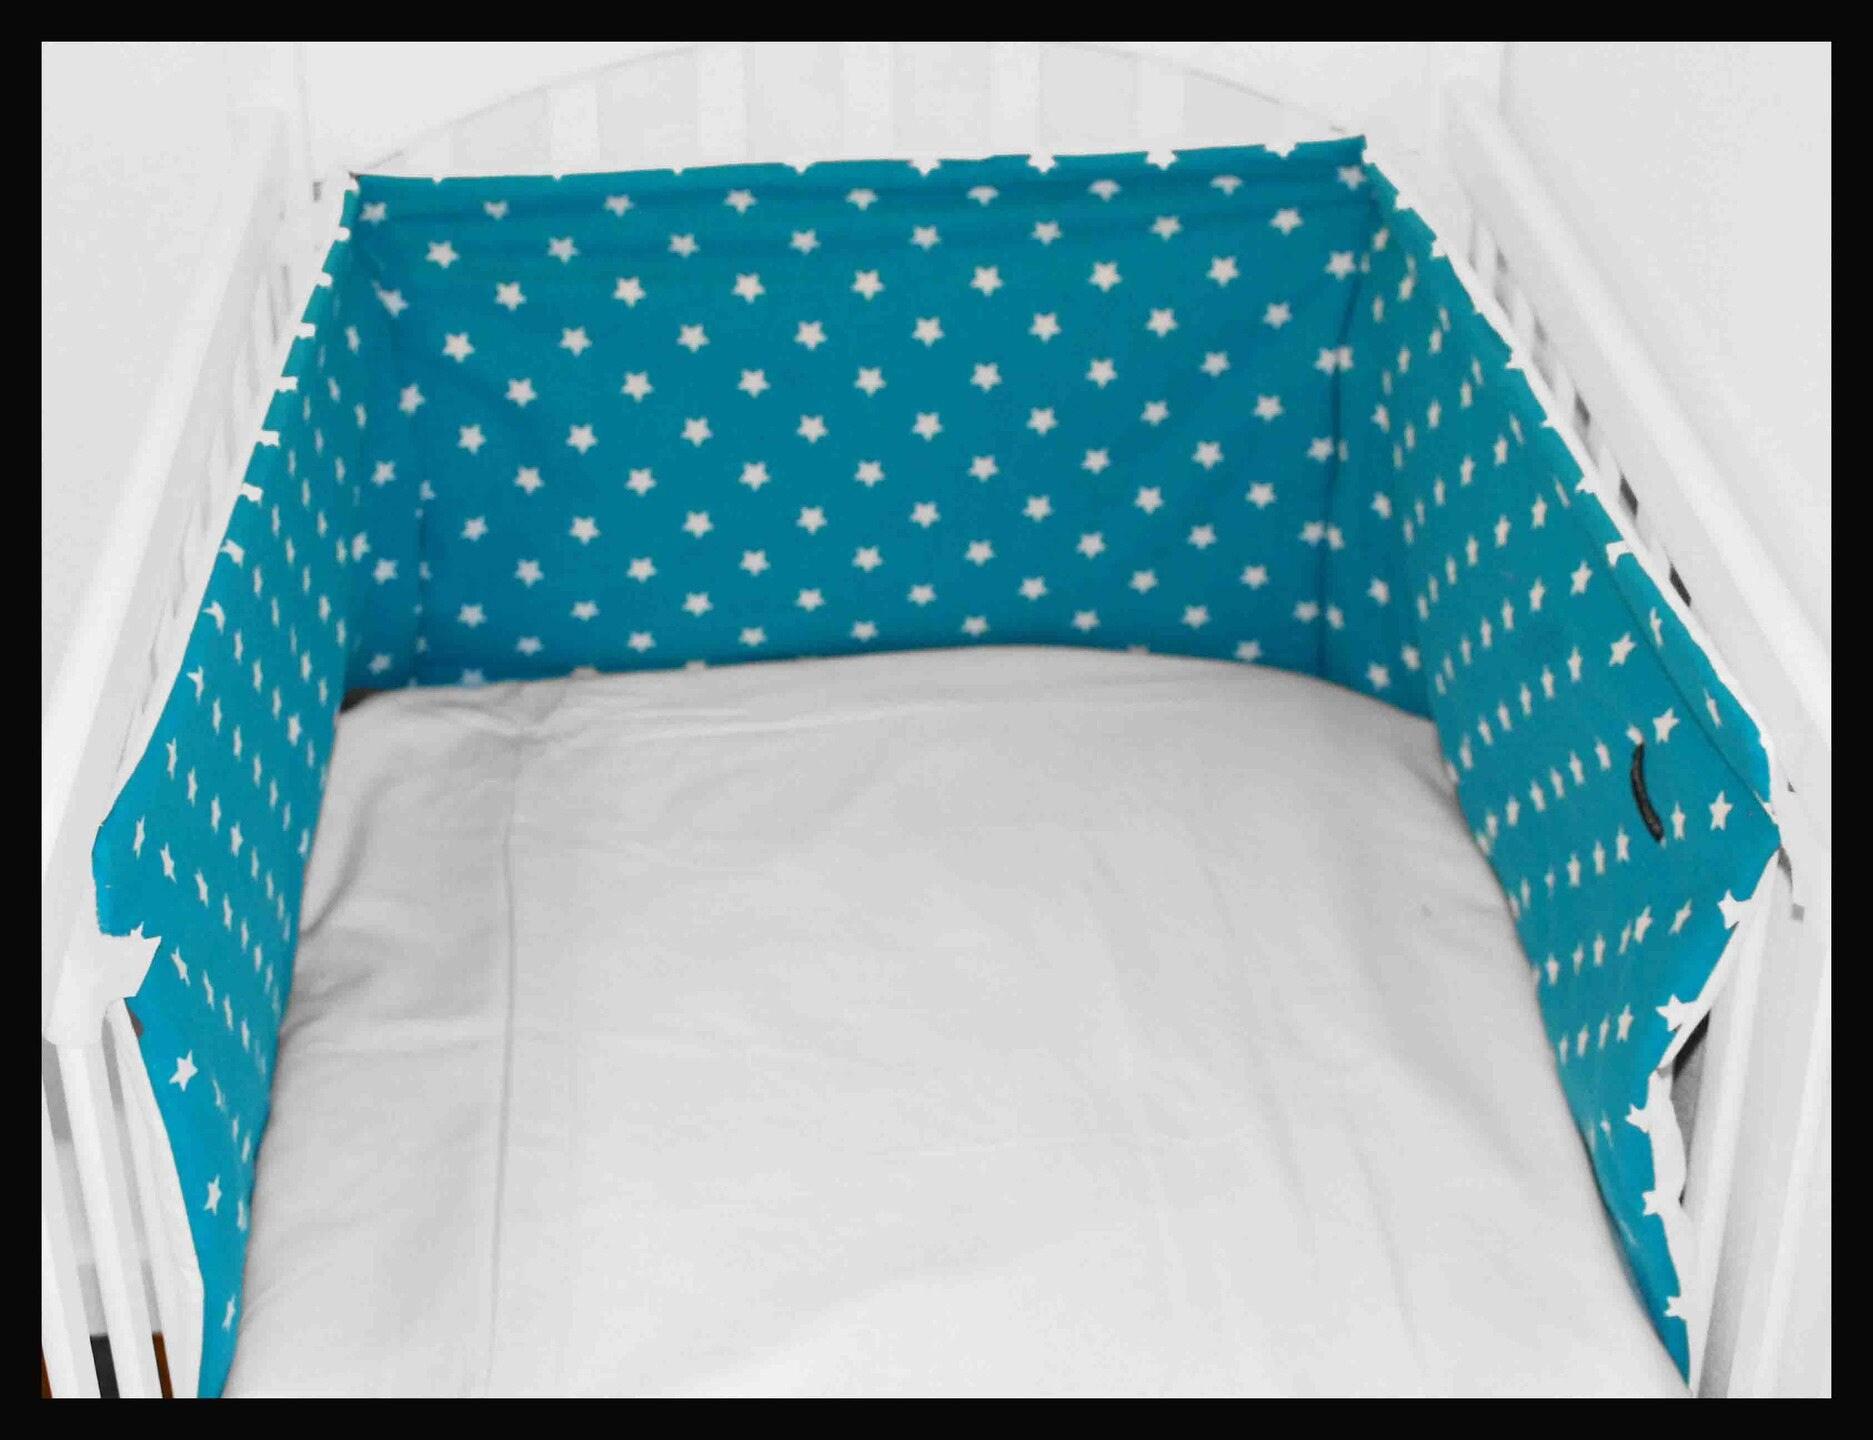 tour de lit toiles original et design pour lit b b. Black Bedroom Furniture Sets. Home Design Ideas